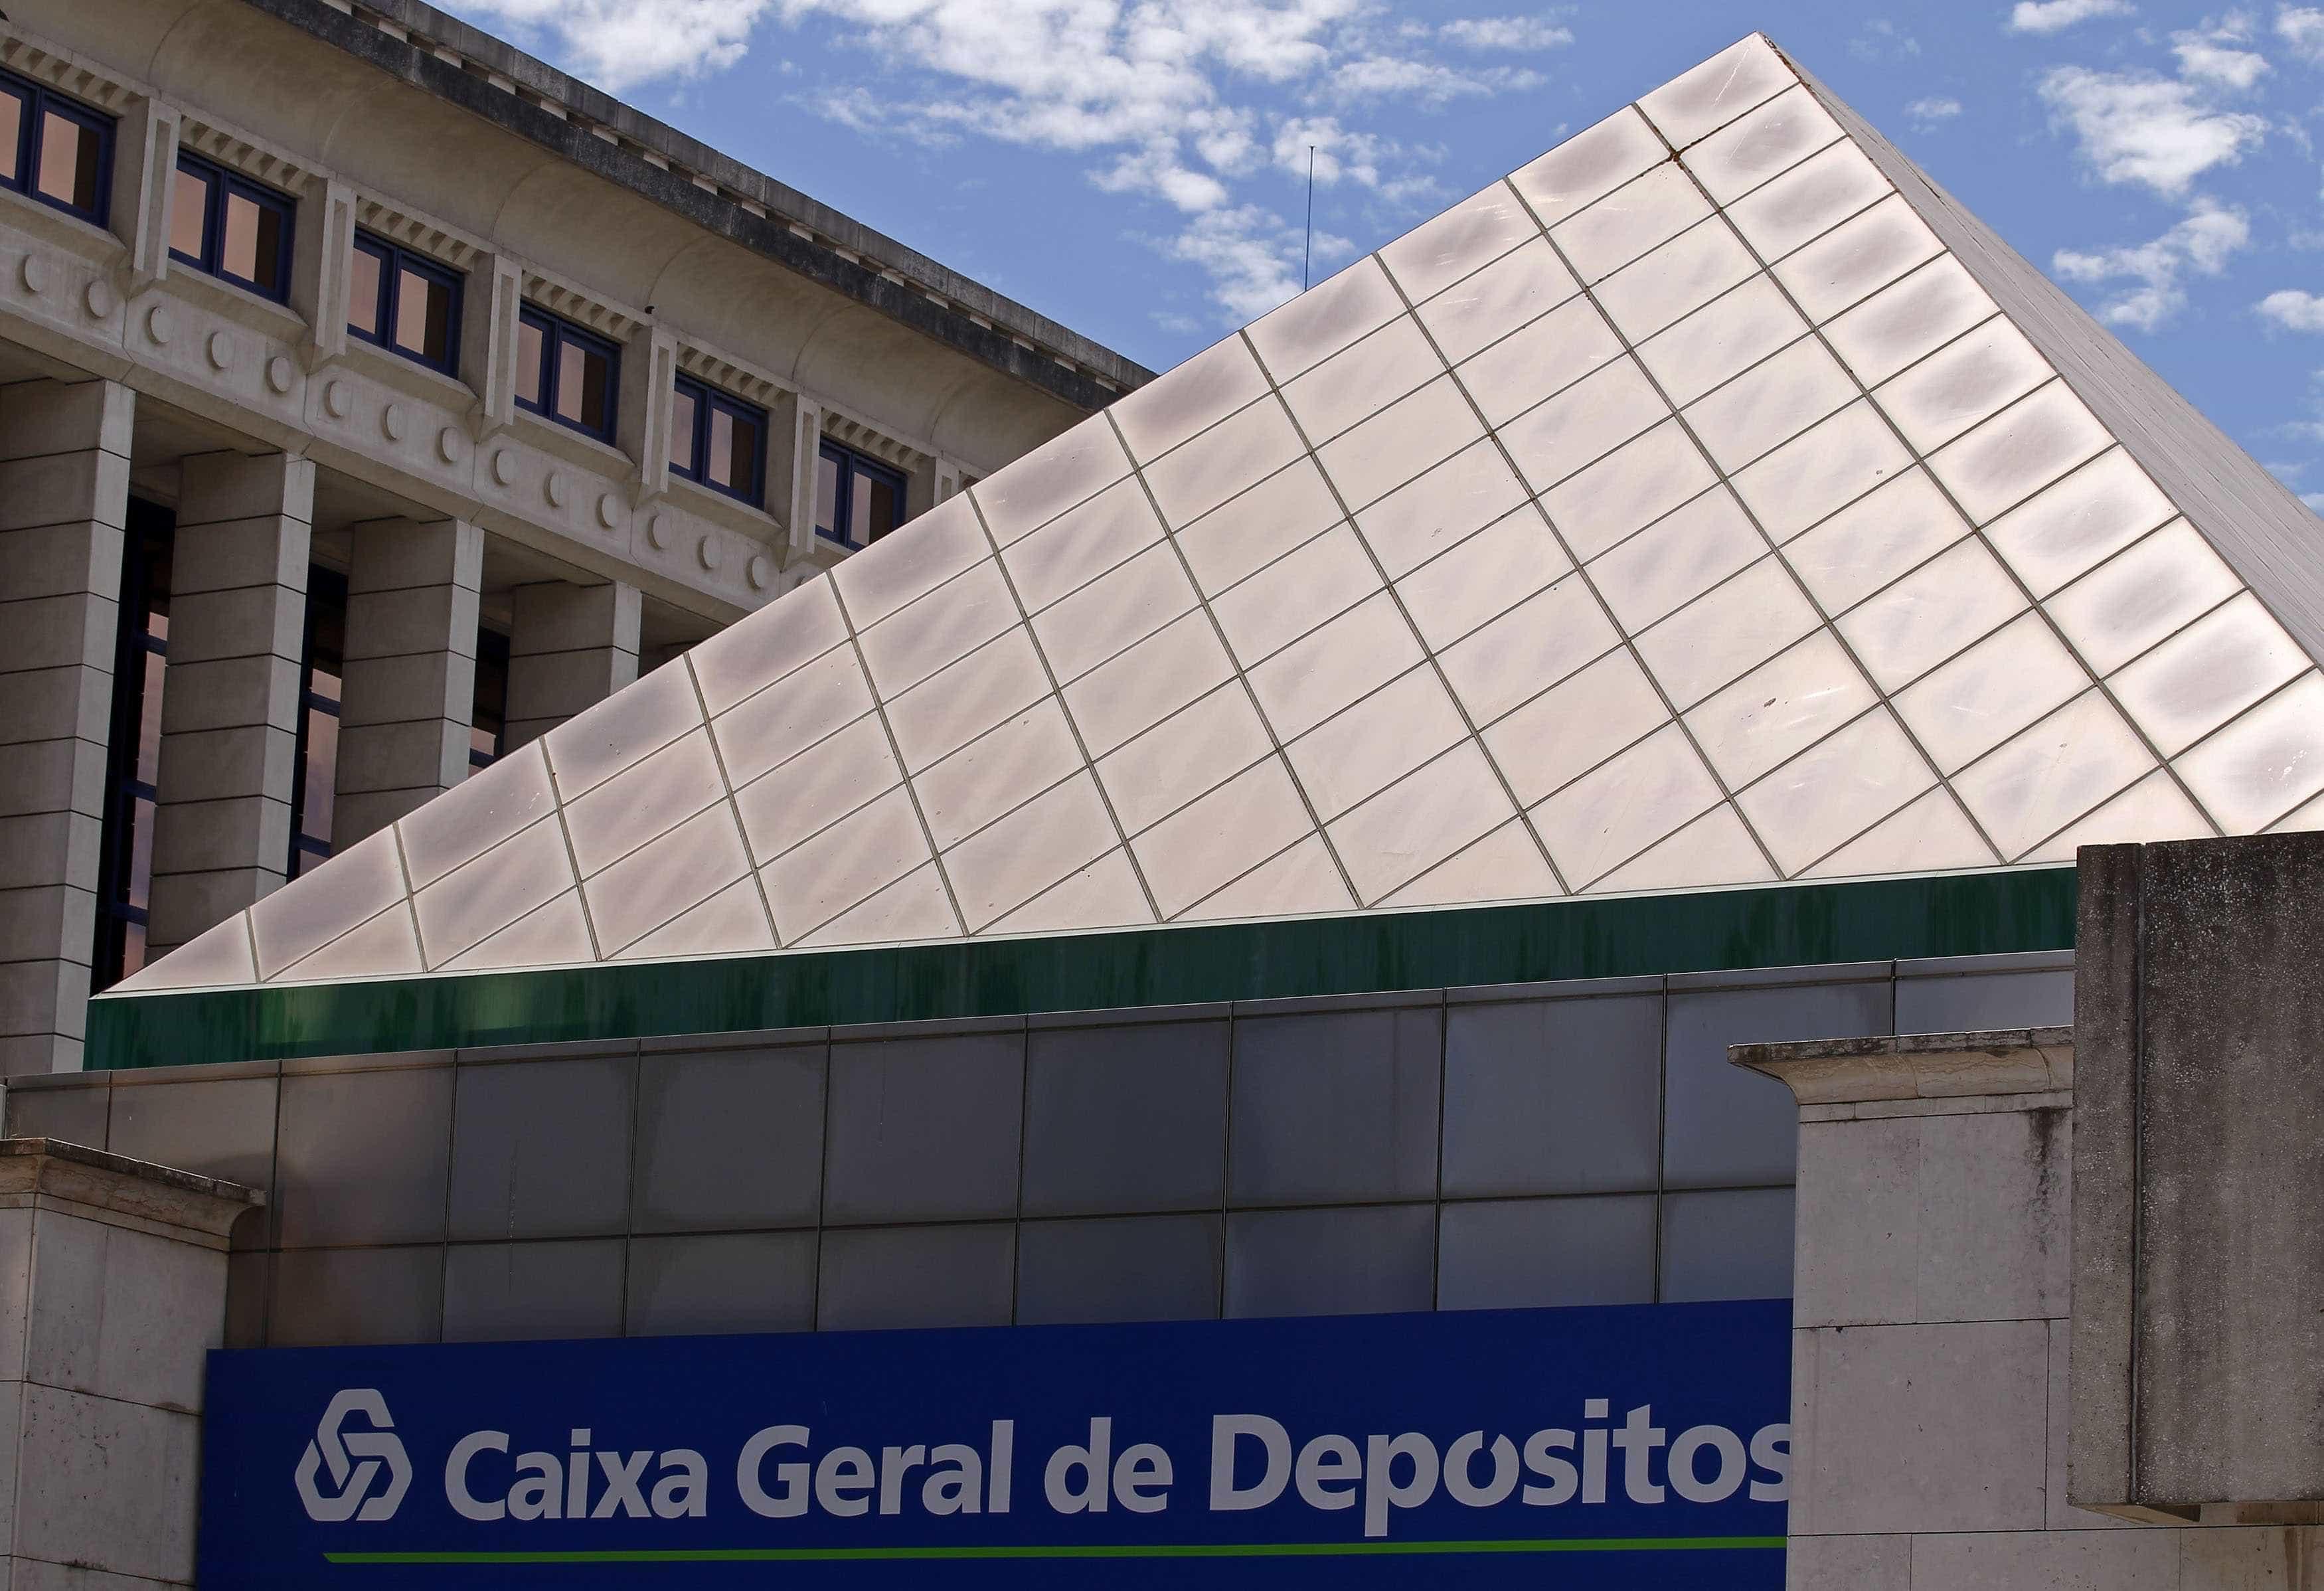 CGD: Aprovada audição de Carlos Costa, Vítor Constâncio e auditores da EY